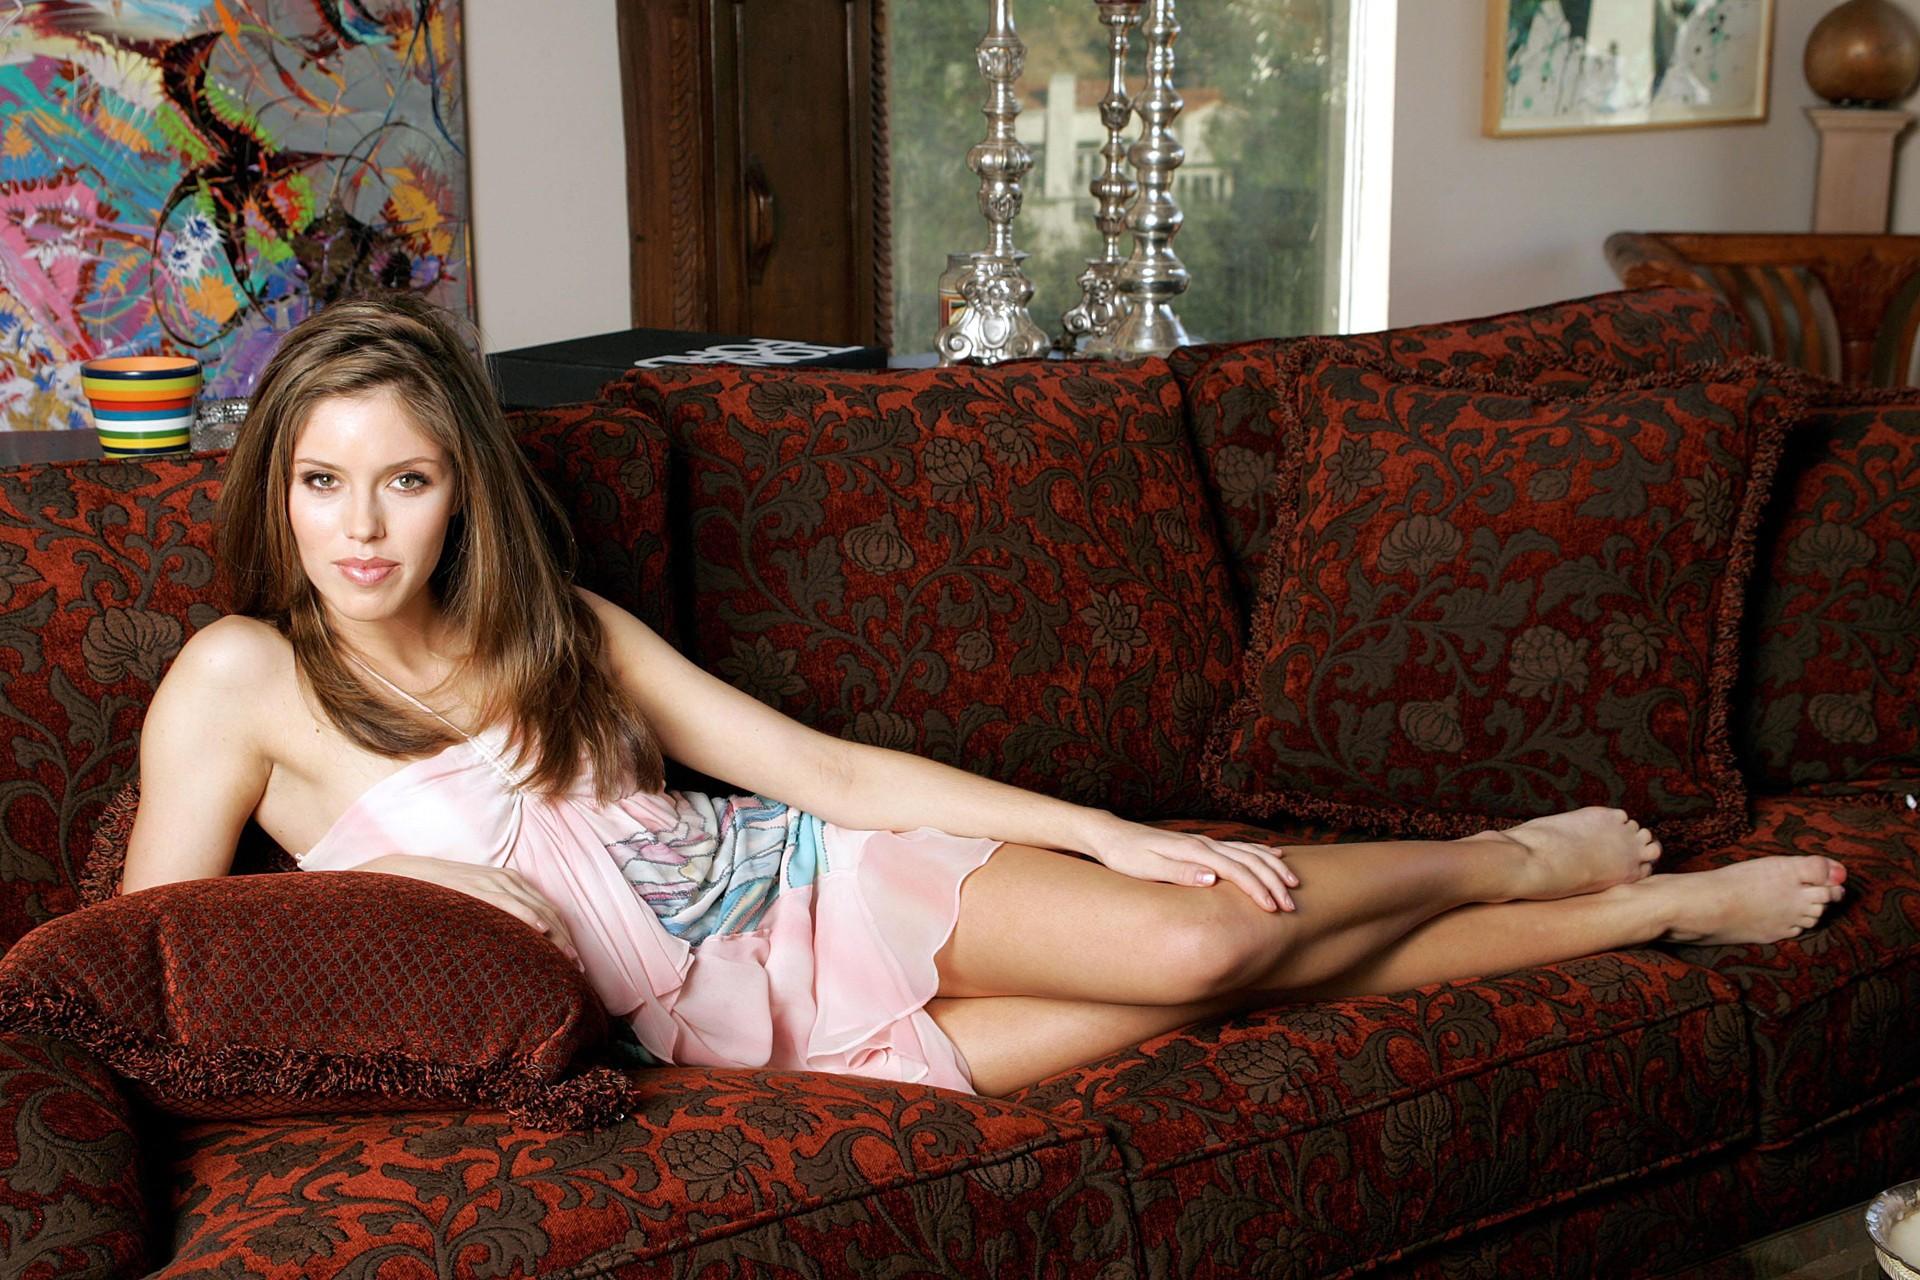 Wallpaper: una foto promo di Kayla Ewell sdraiata su divano